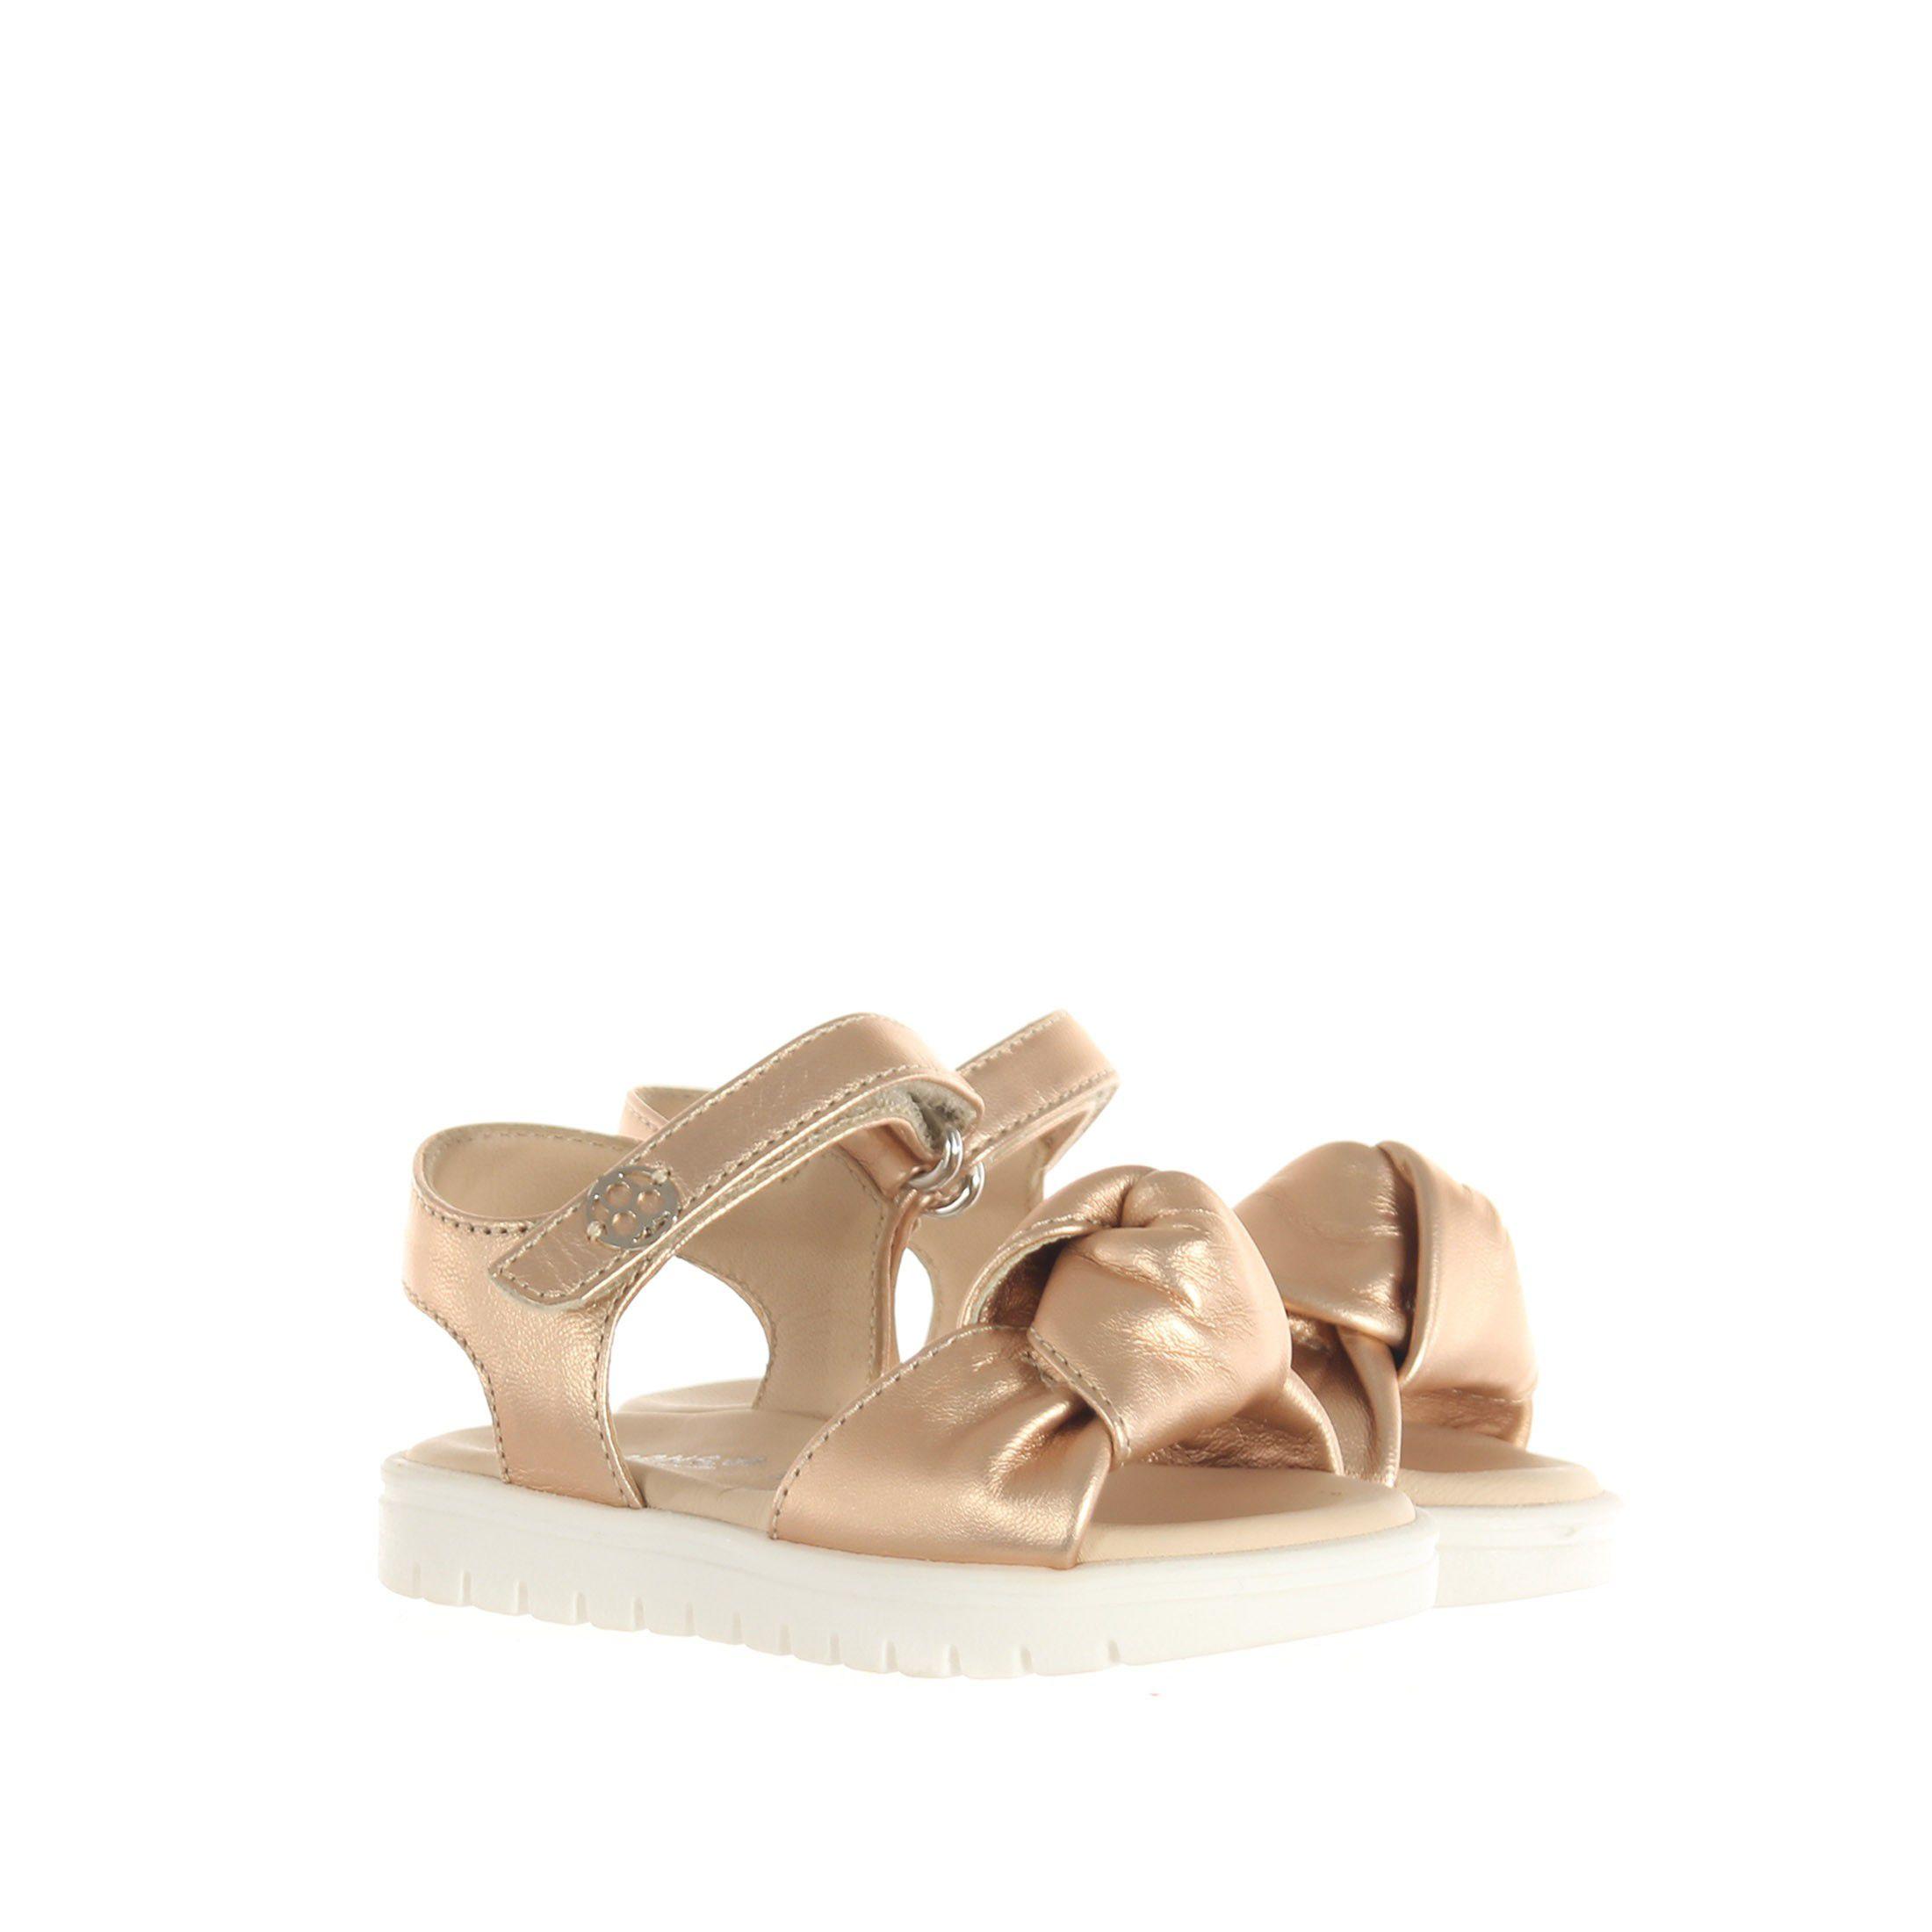 Florens sandalo in pelle metal con fiocco da bambina